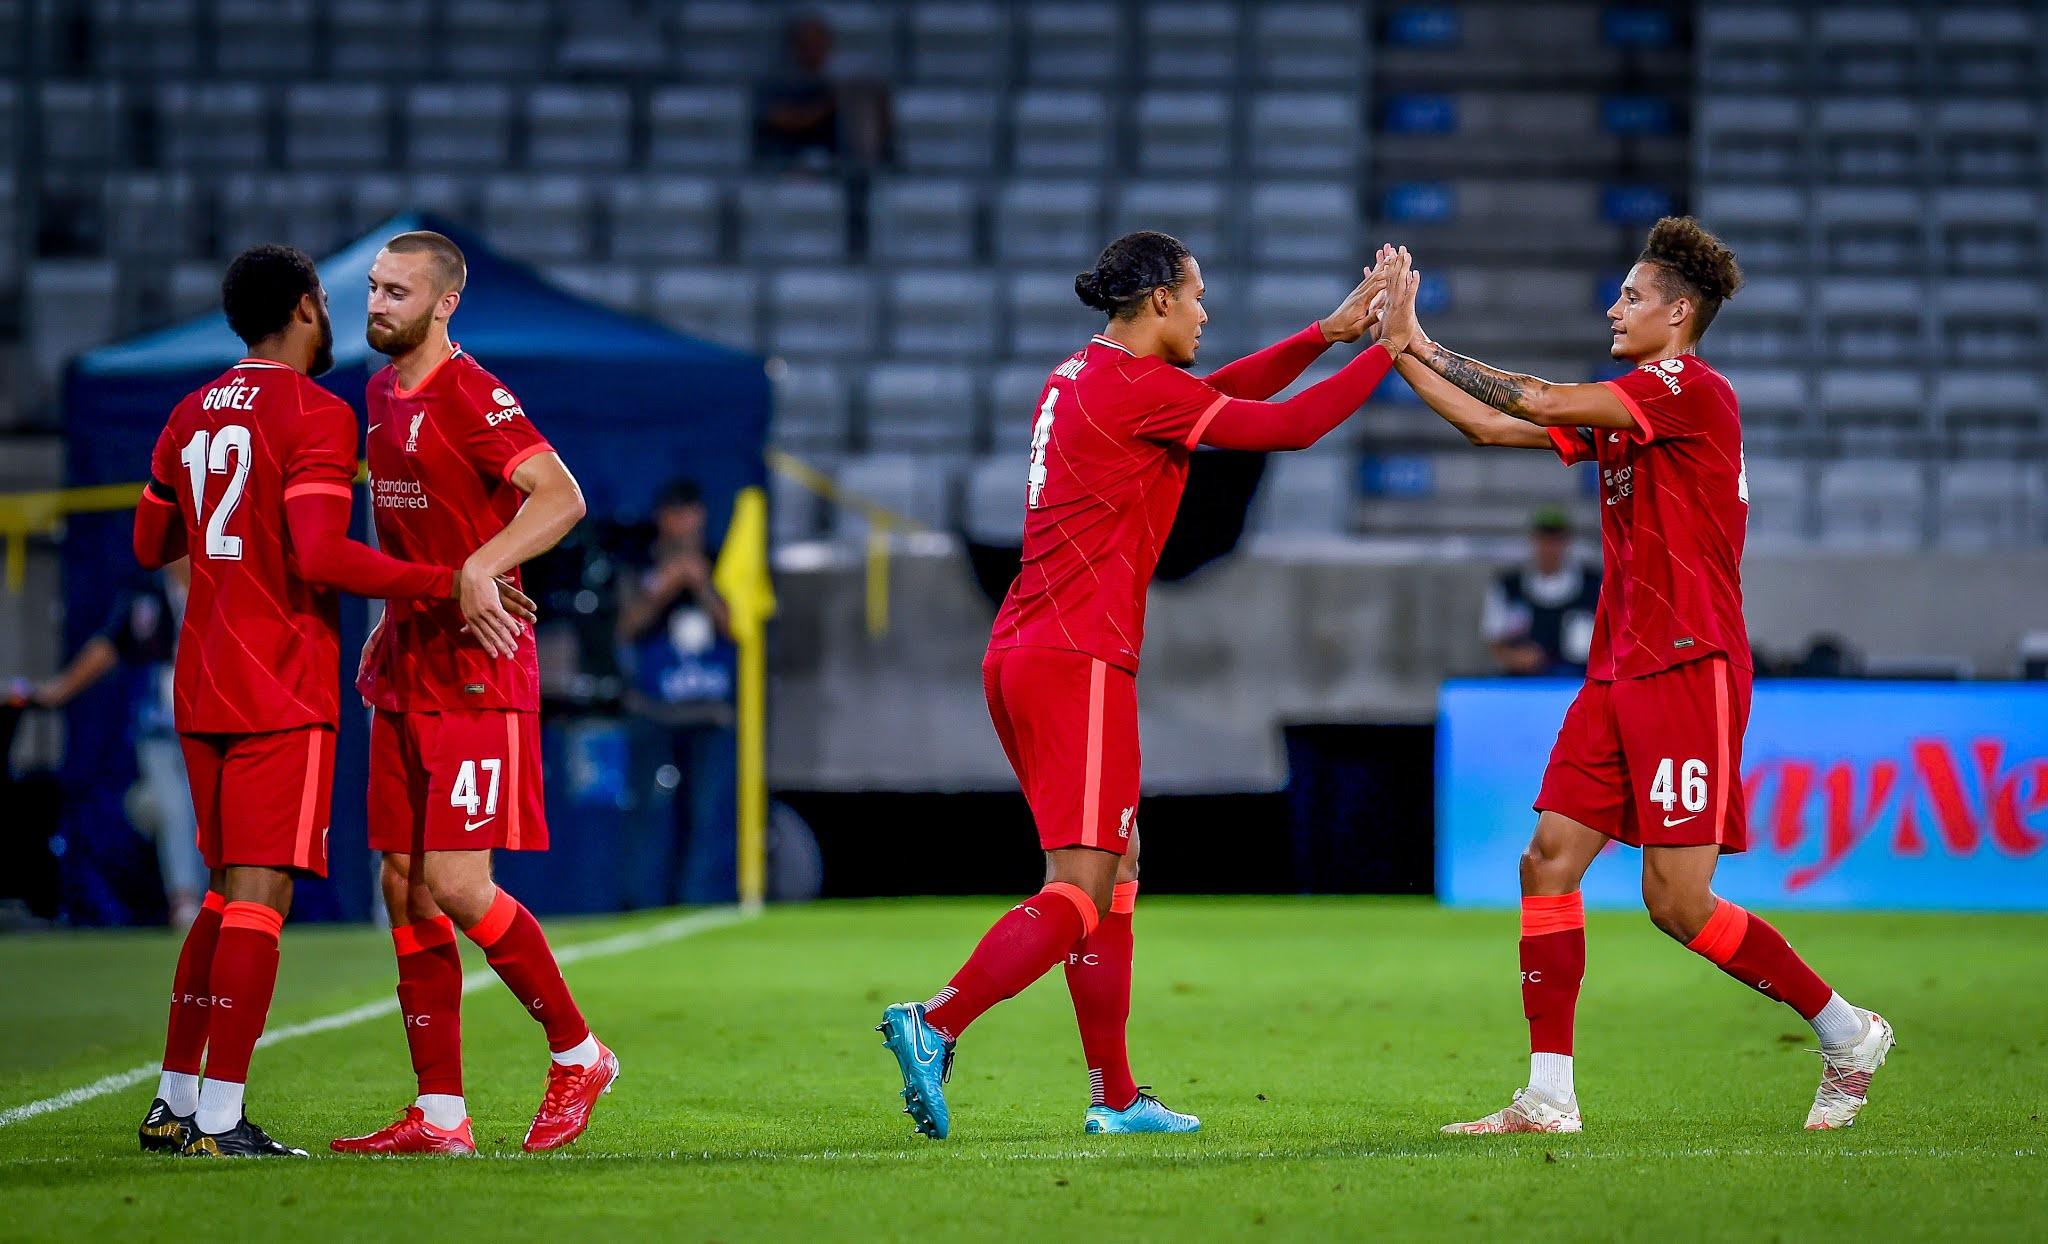 Van Dijk and Joe Gomez return to action against Hertha Berlin